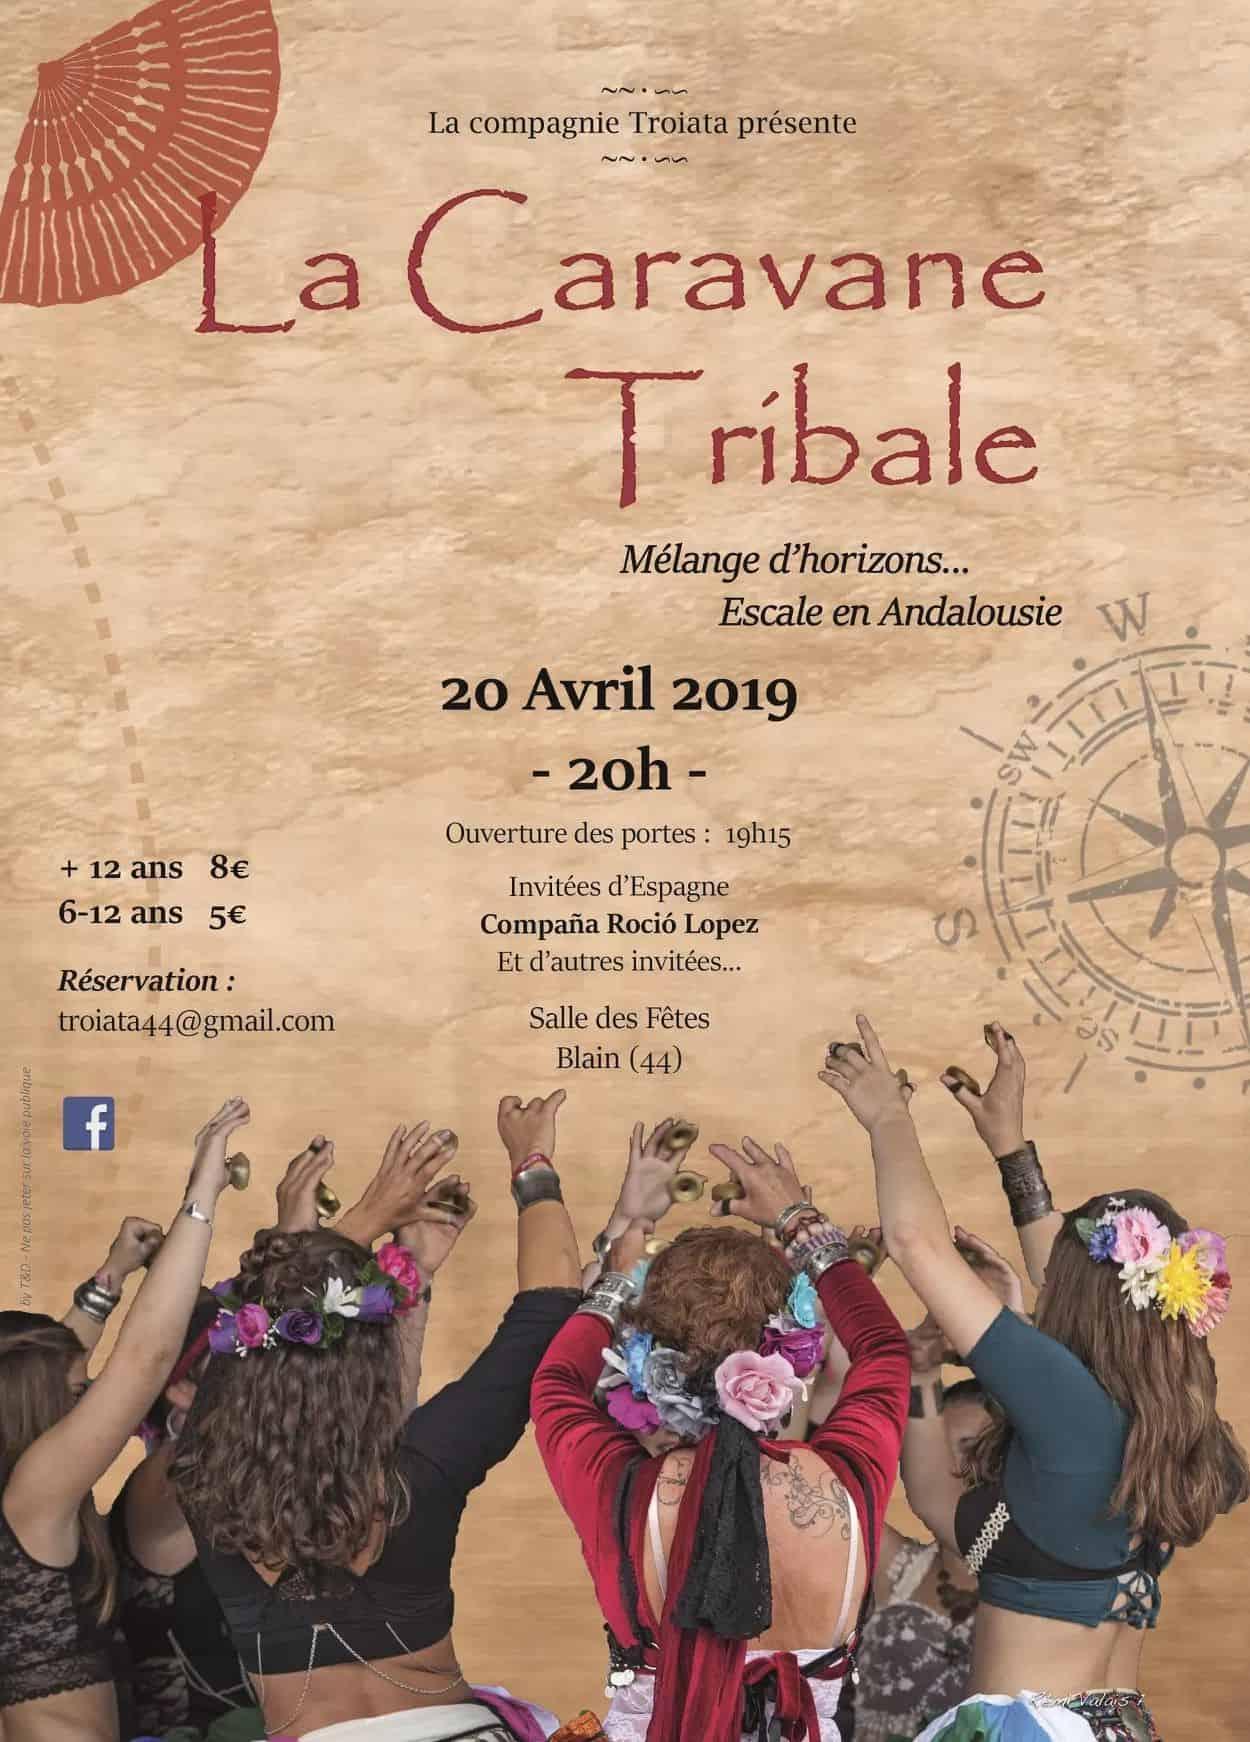 Affiche Caravane Tribale 2019 par l'association Troiata